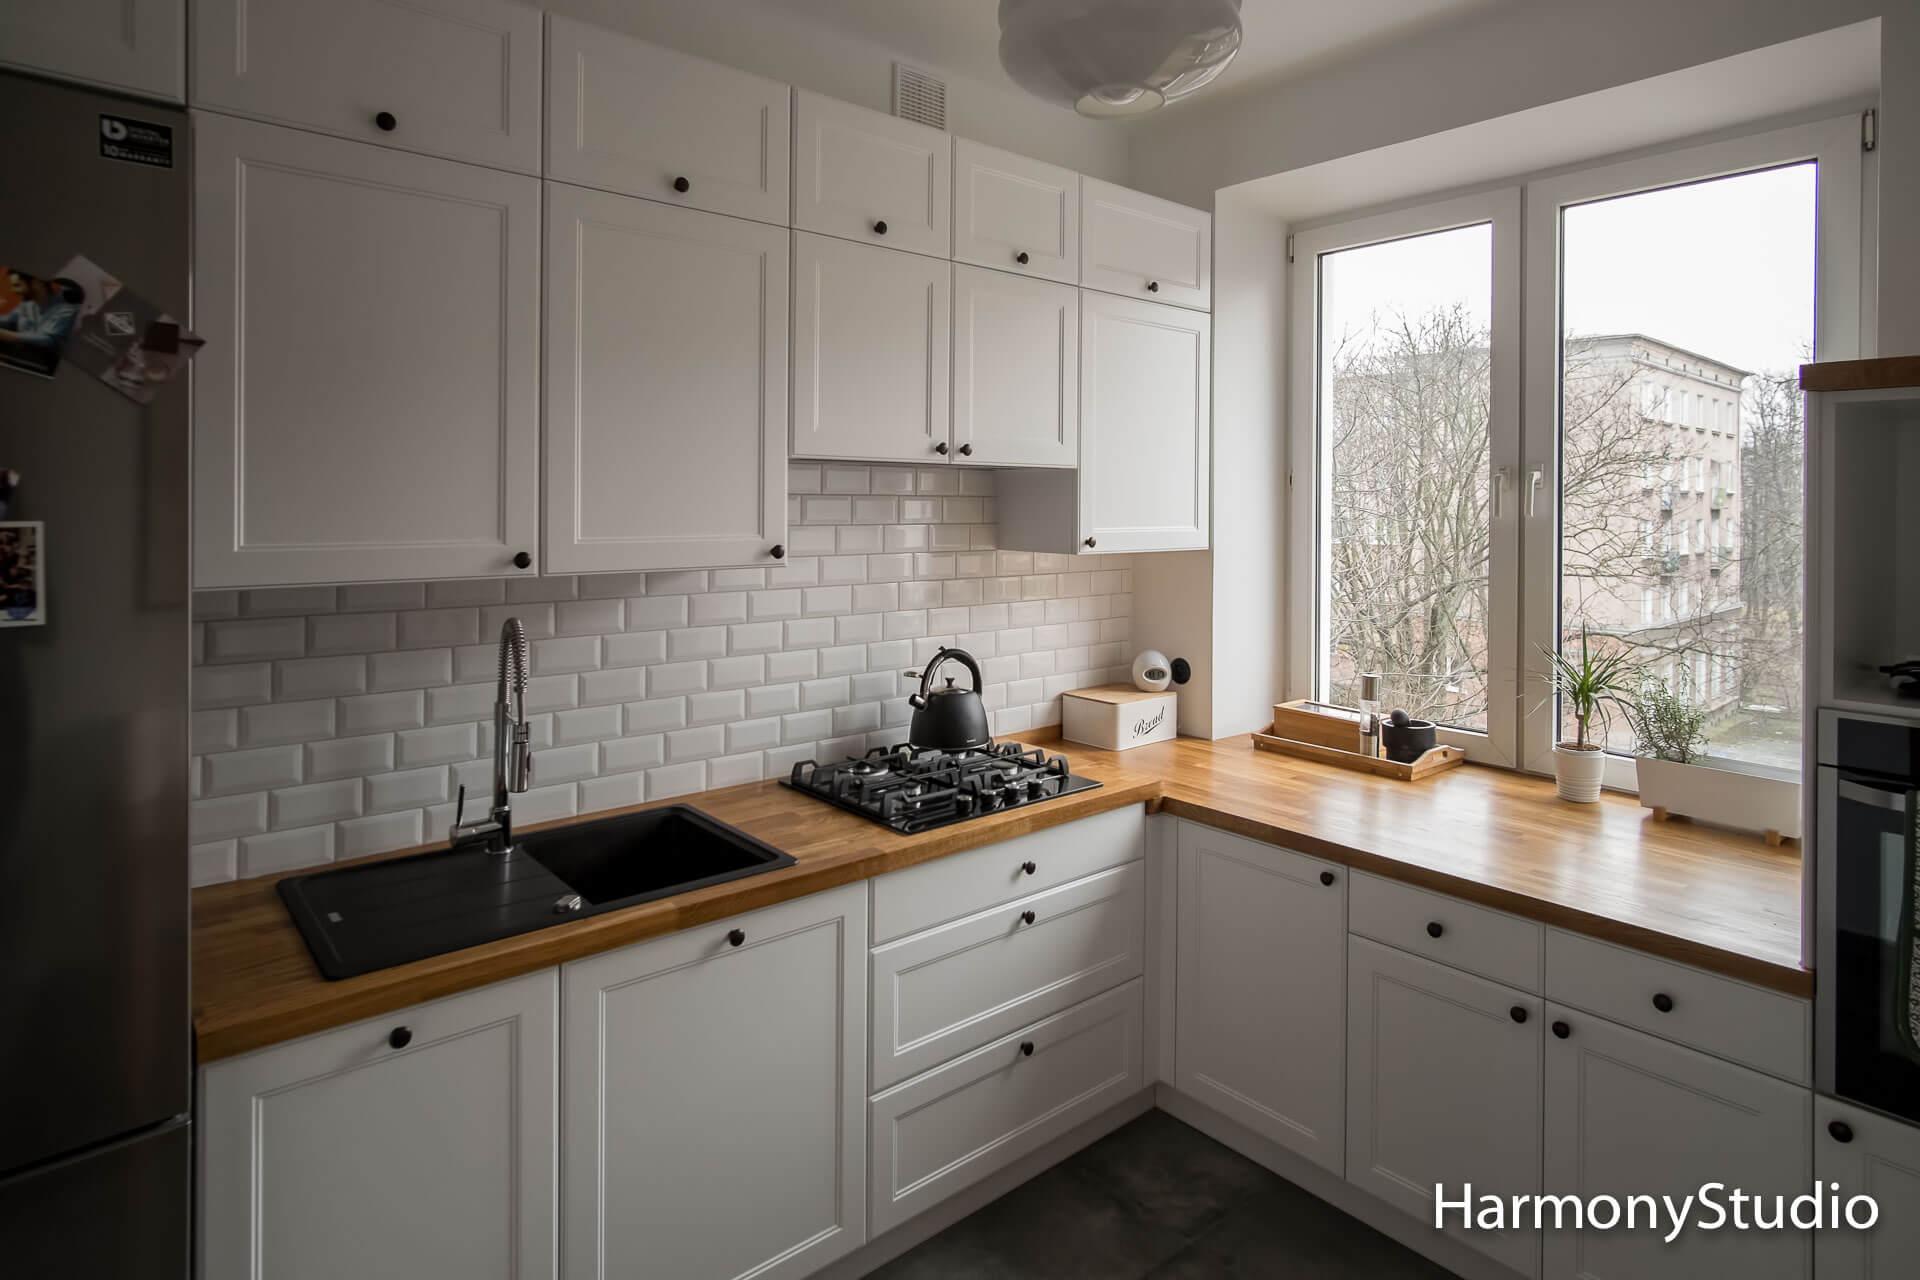 Blaty Drewniane W Kuchni Harmony Studio